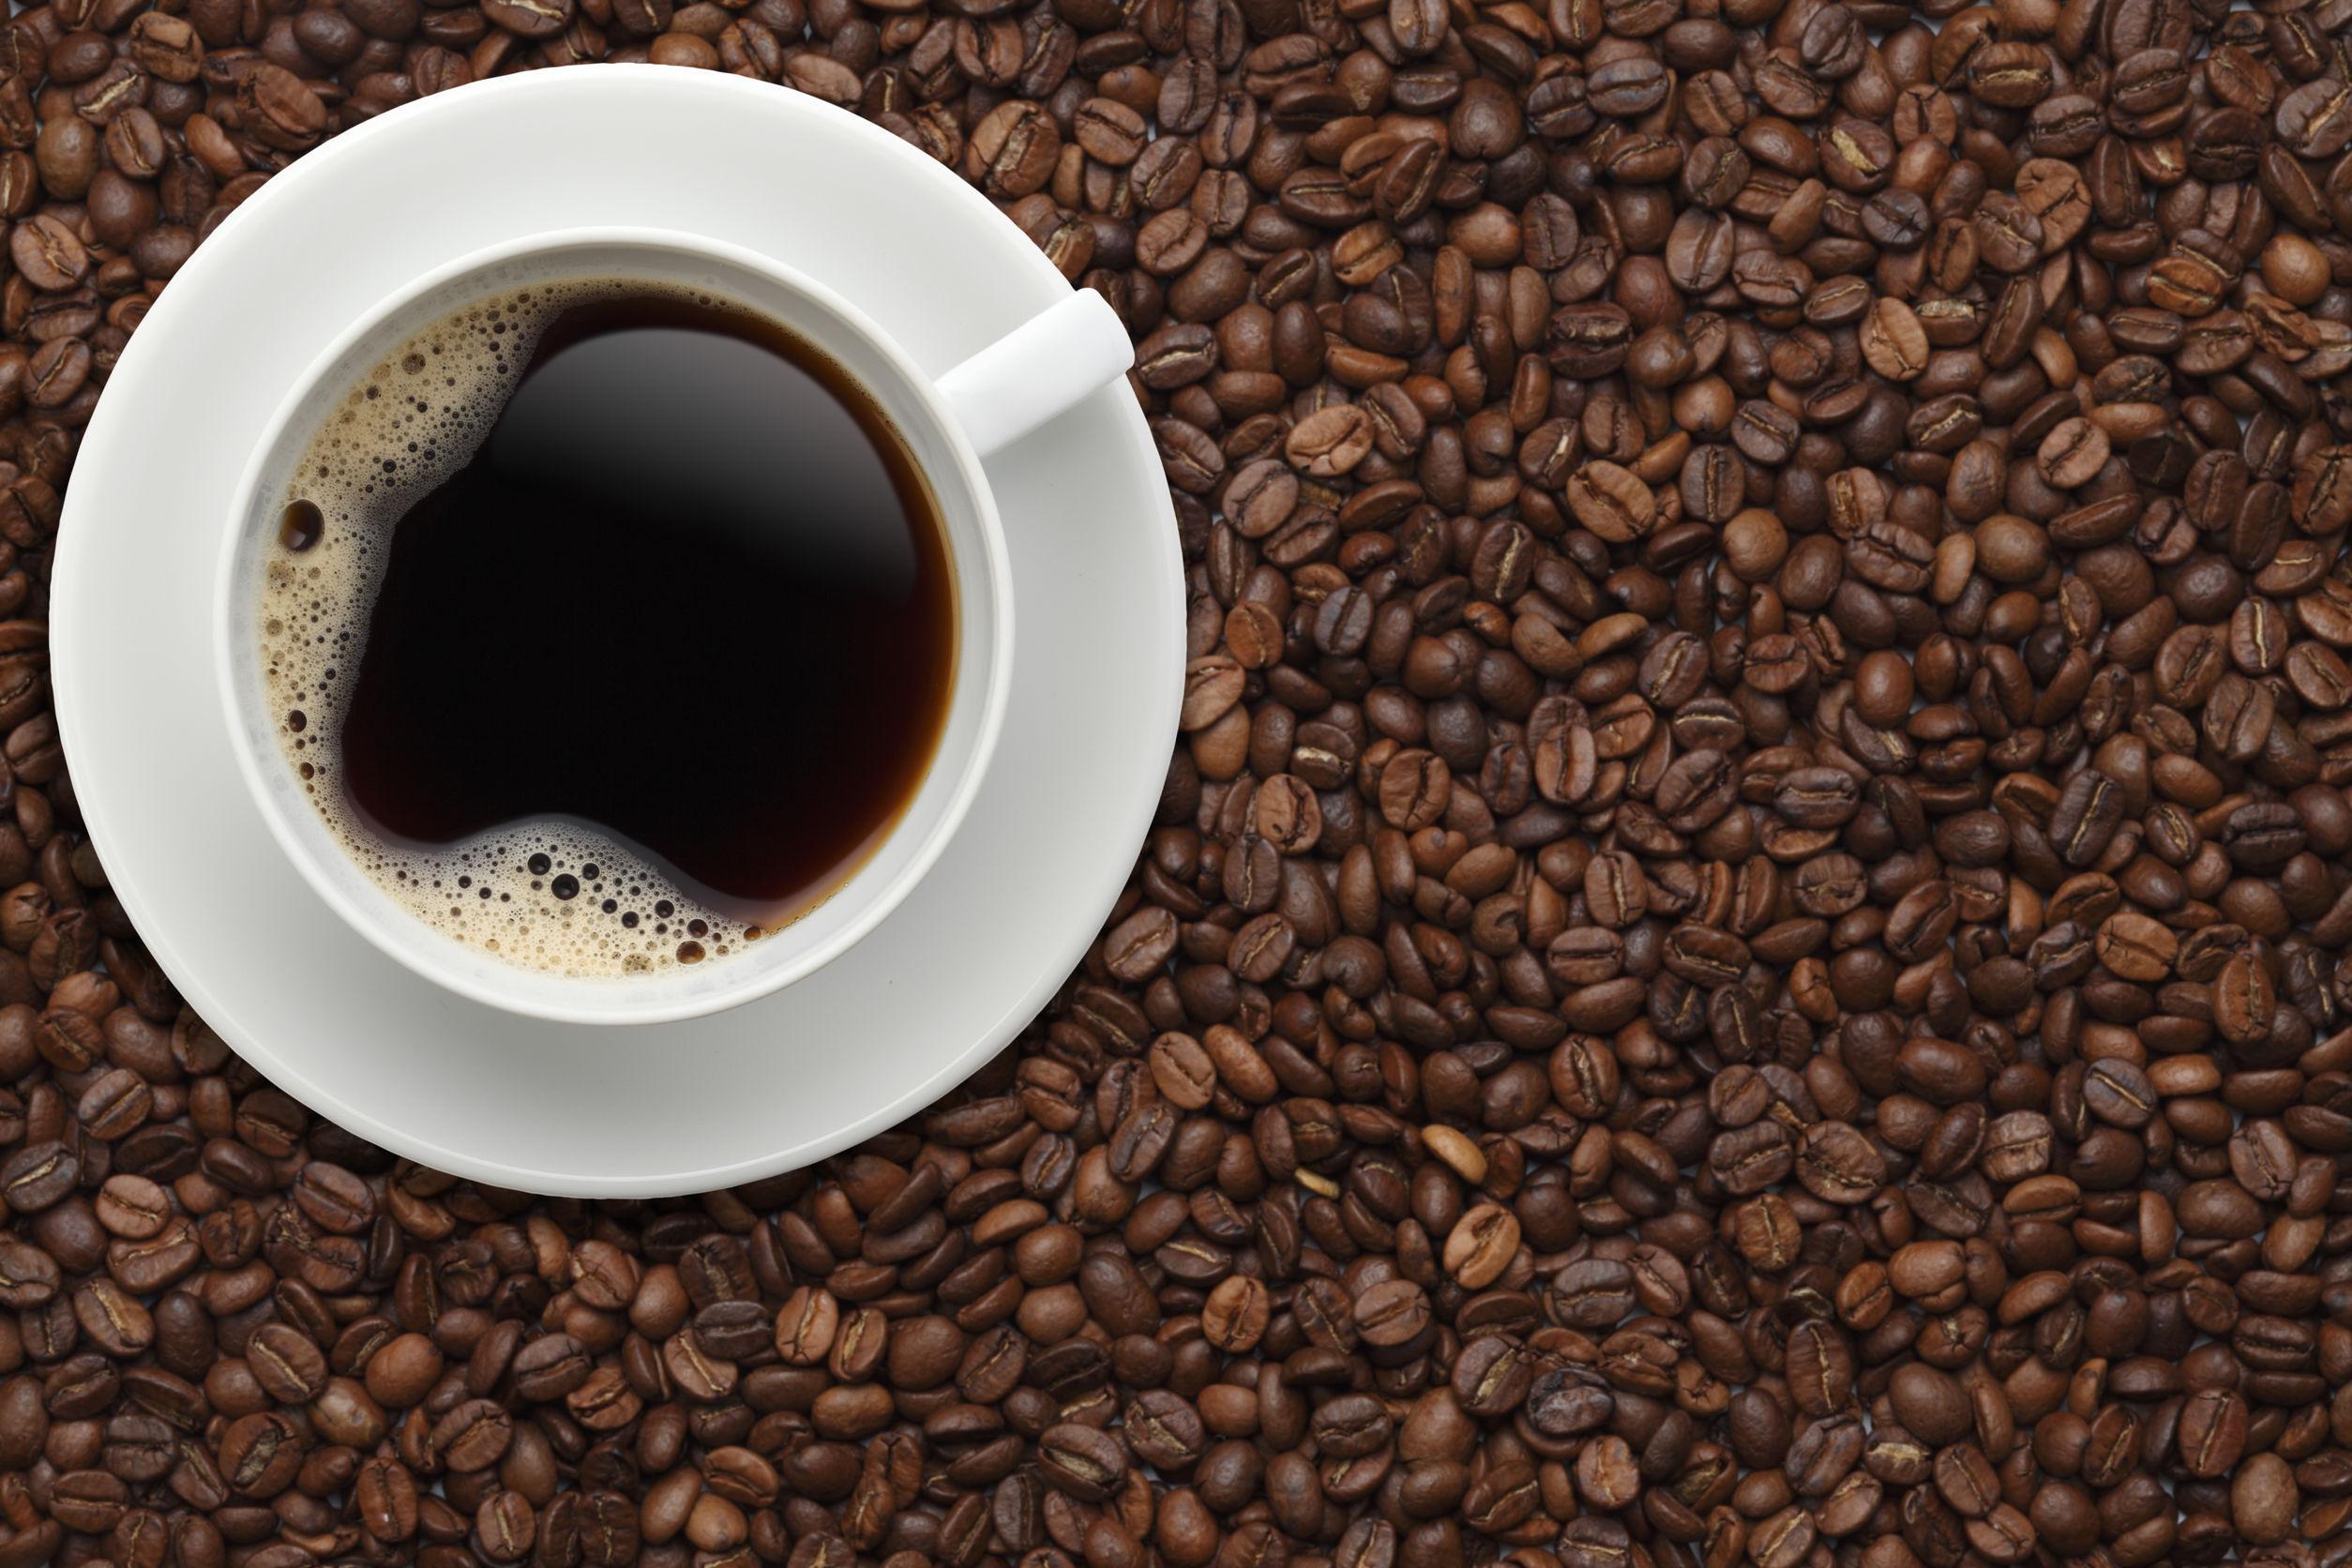 Ce vinuri ţi se potrivesc în funcţie de cafeaua pe care o bei dimineaţa